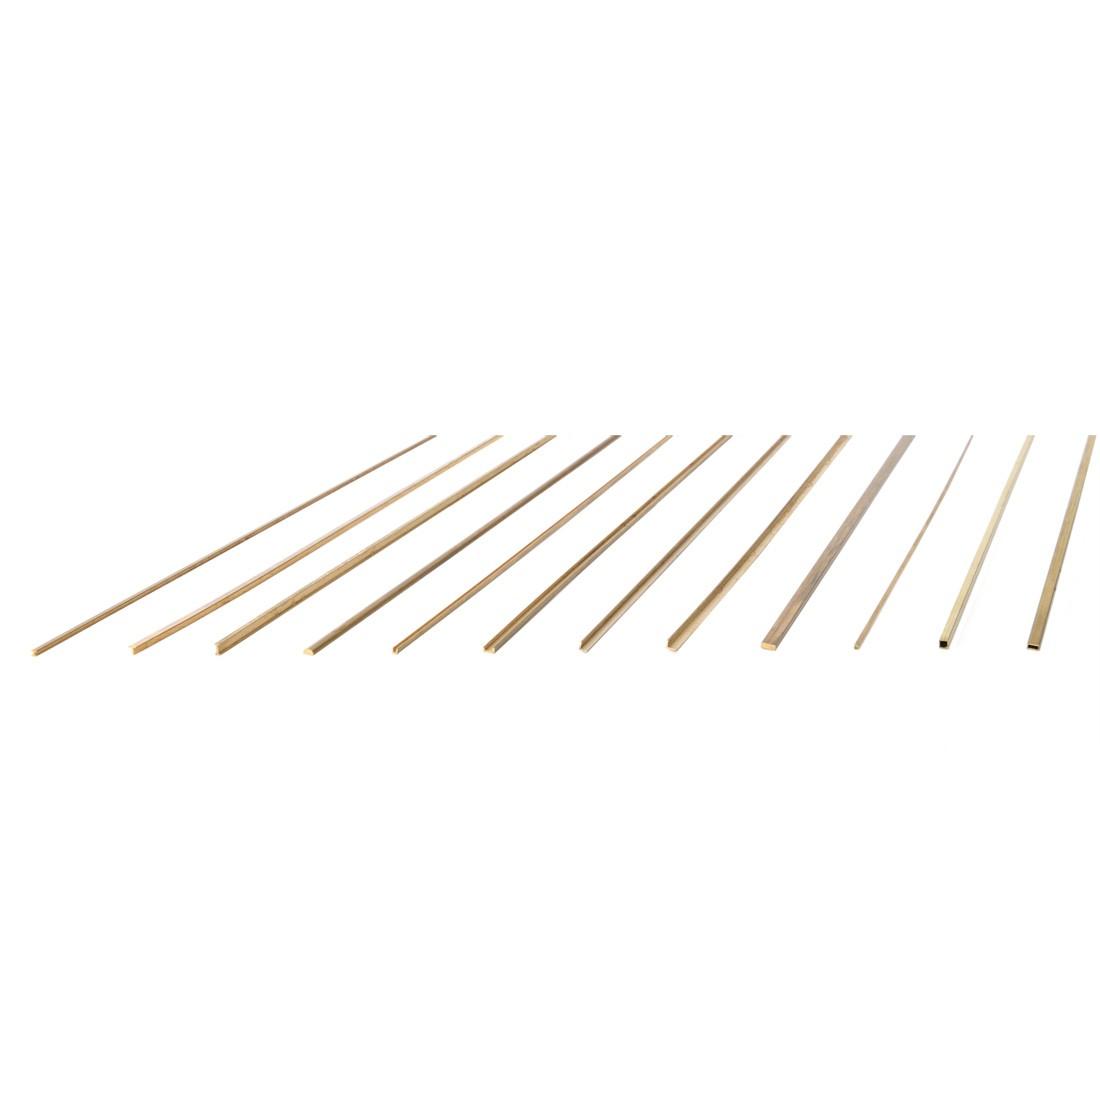 Ángulos de latón 4x2x500